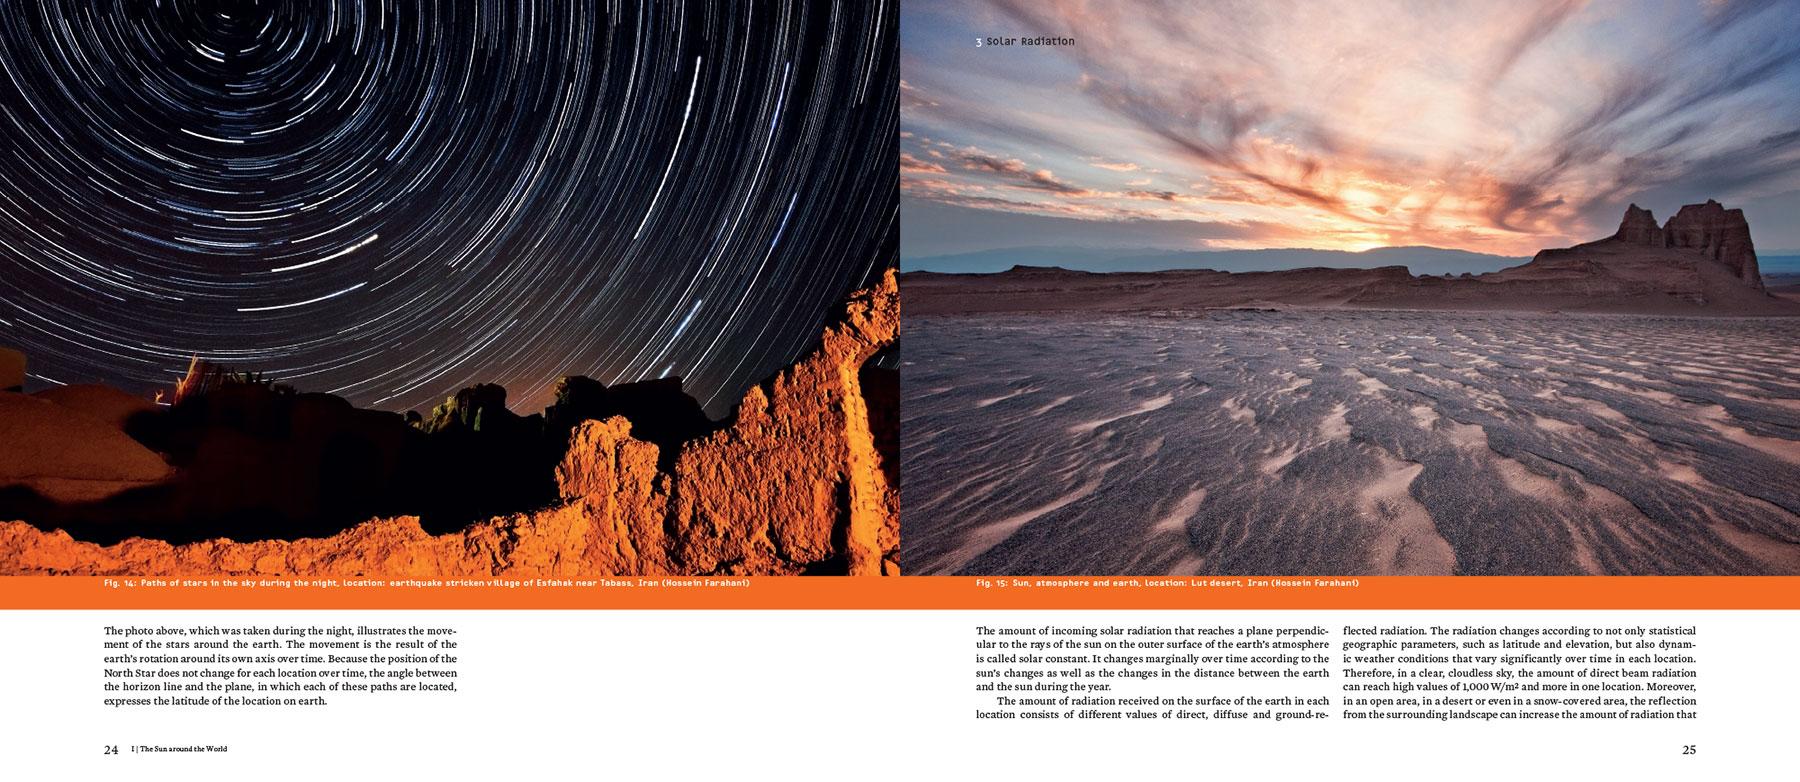 Vol09_-SolarClimaticVision-CD-Rom-v02-24.jpg